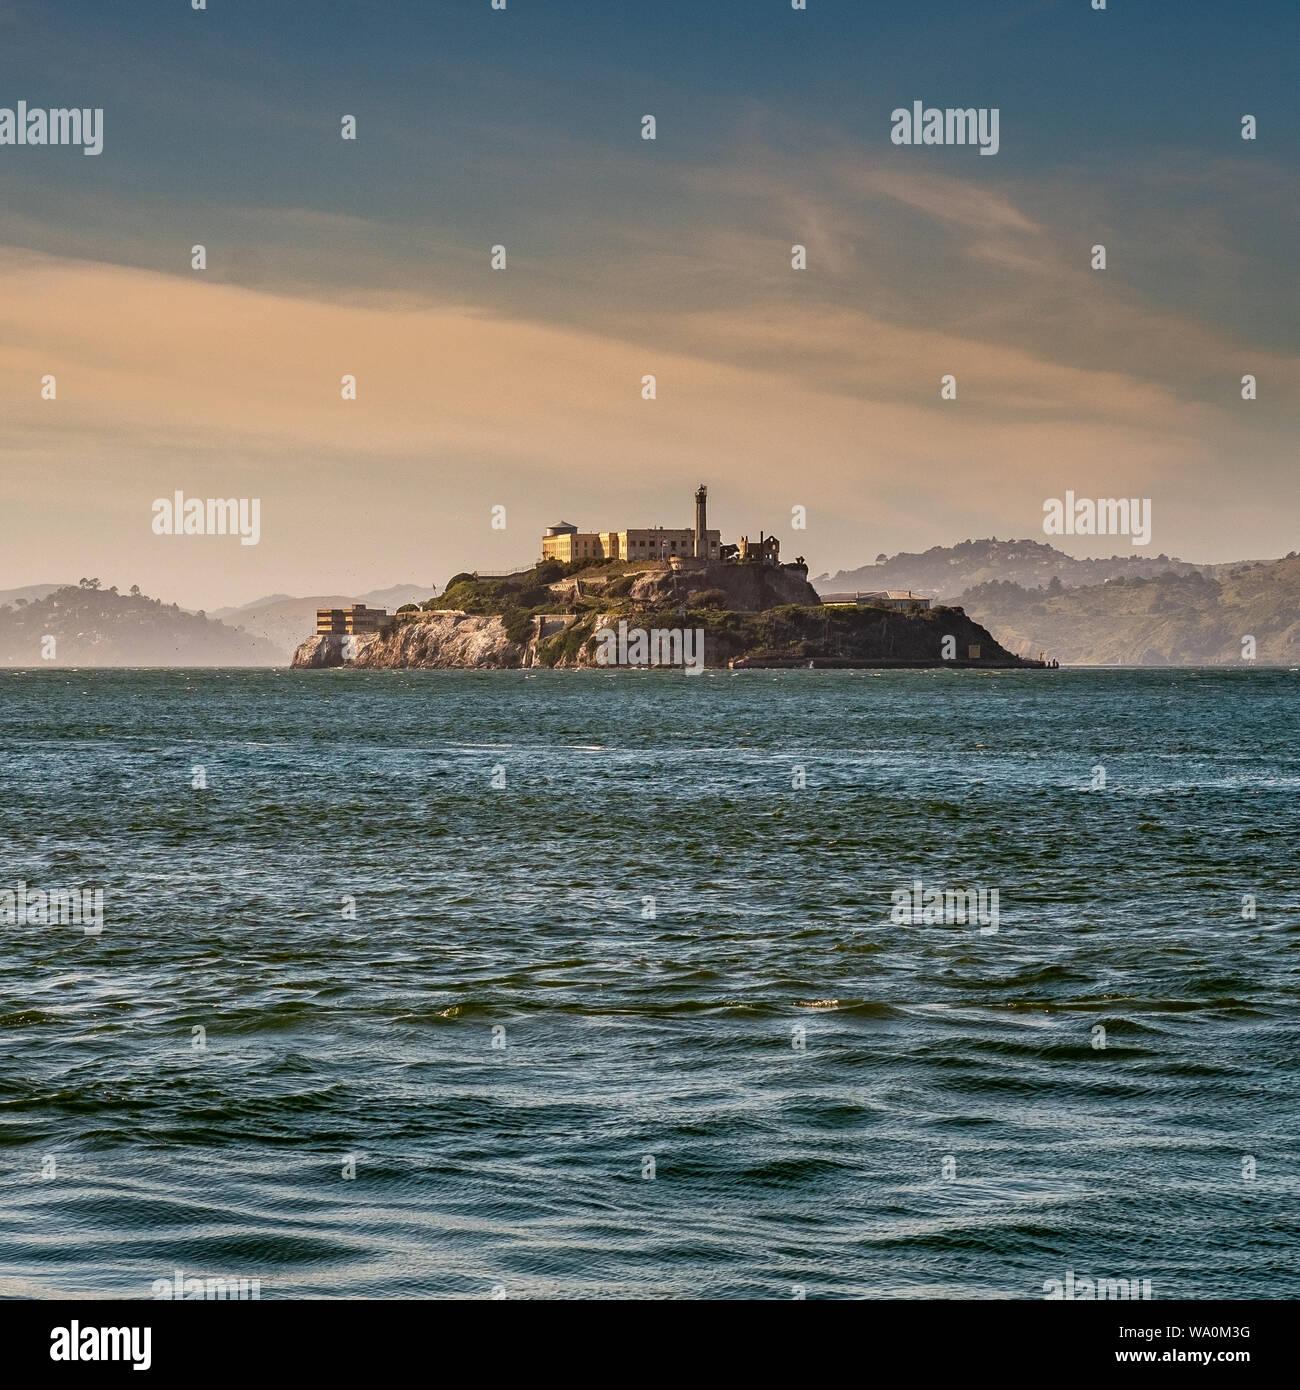 L'île d'Alcatraz dans la baie de San Francisco. San Francisco, Californie, États-Unis d'Amérique Banque D'Images